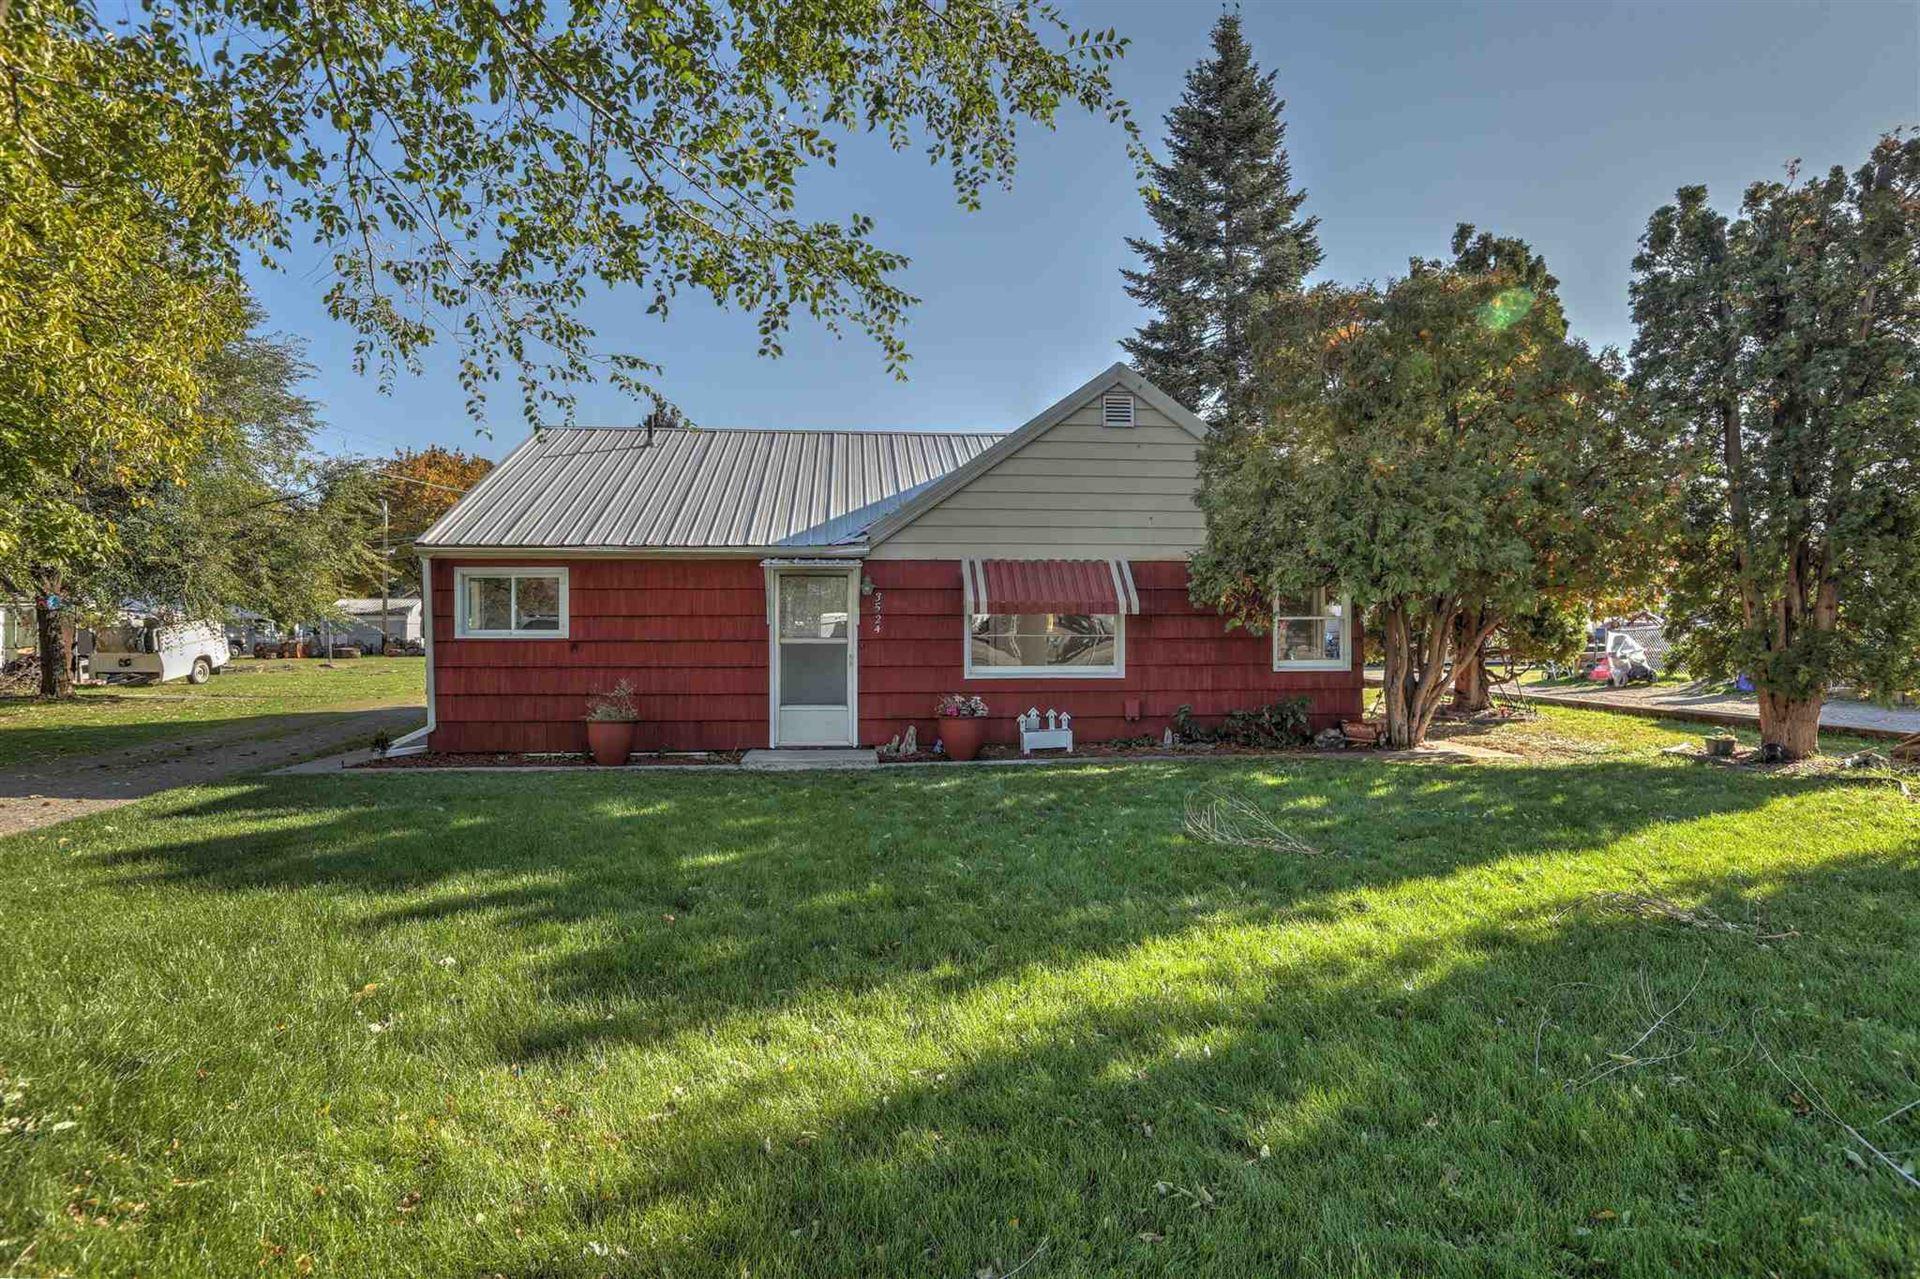 3524 N Stegner Rd, Spokane Valley, WA 99206 - #: 202123869